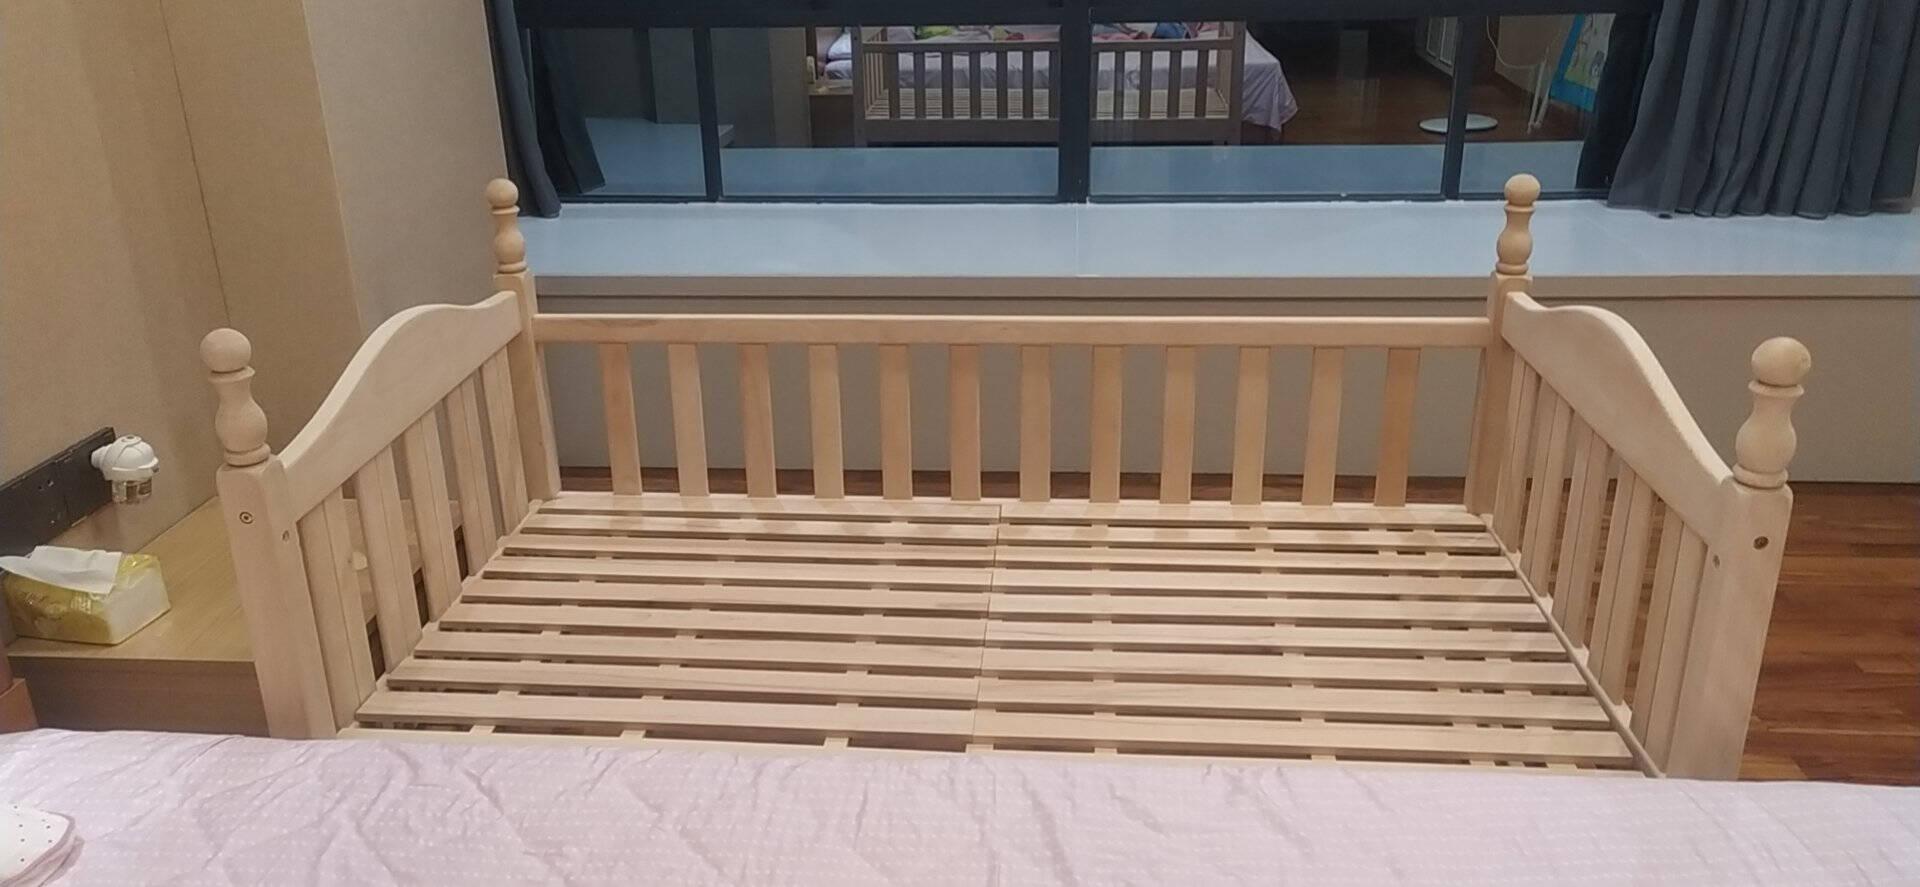 懒时光儿童床榉木儿童拼接床带护栏男孩女孩单人床加宽床实木小床拼接大床三面护栏+尾梯(原木色)150*70*40